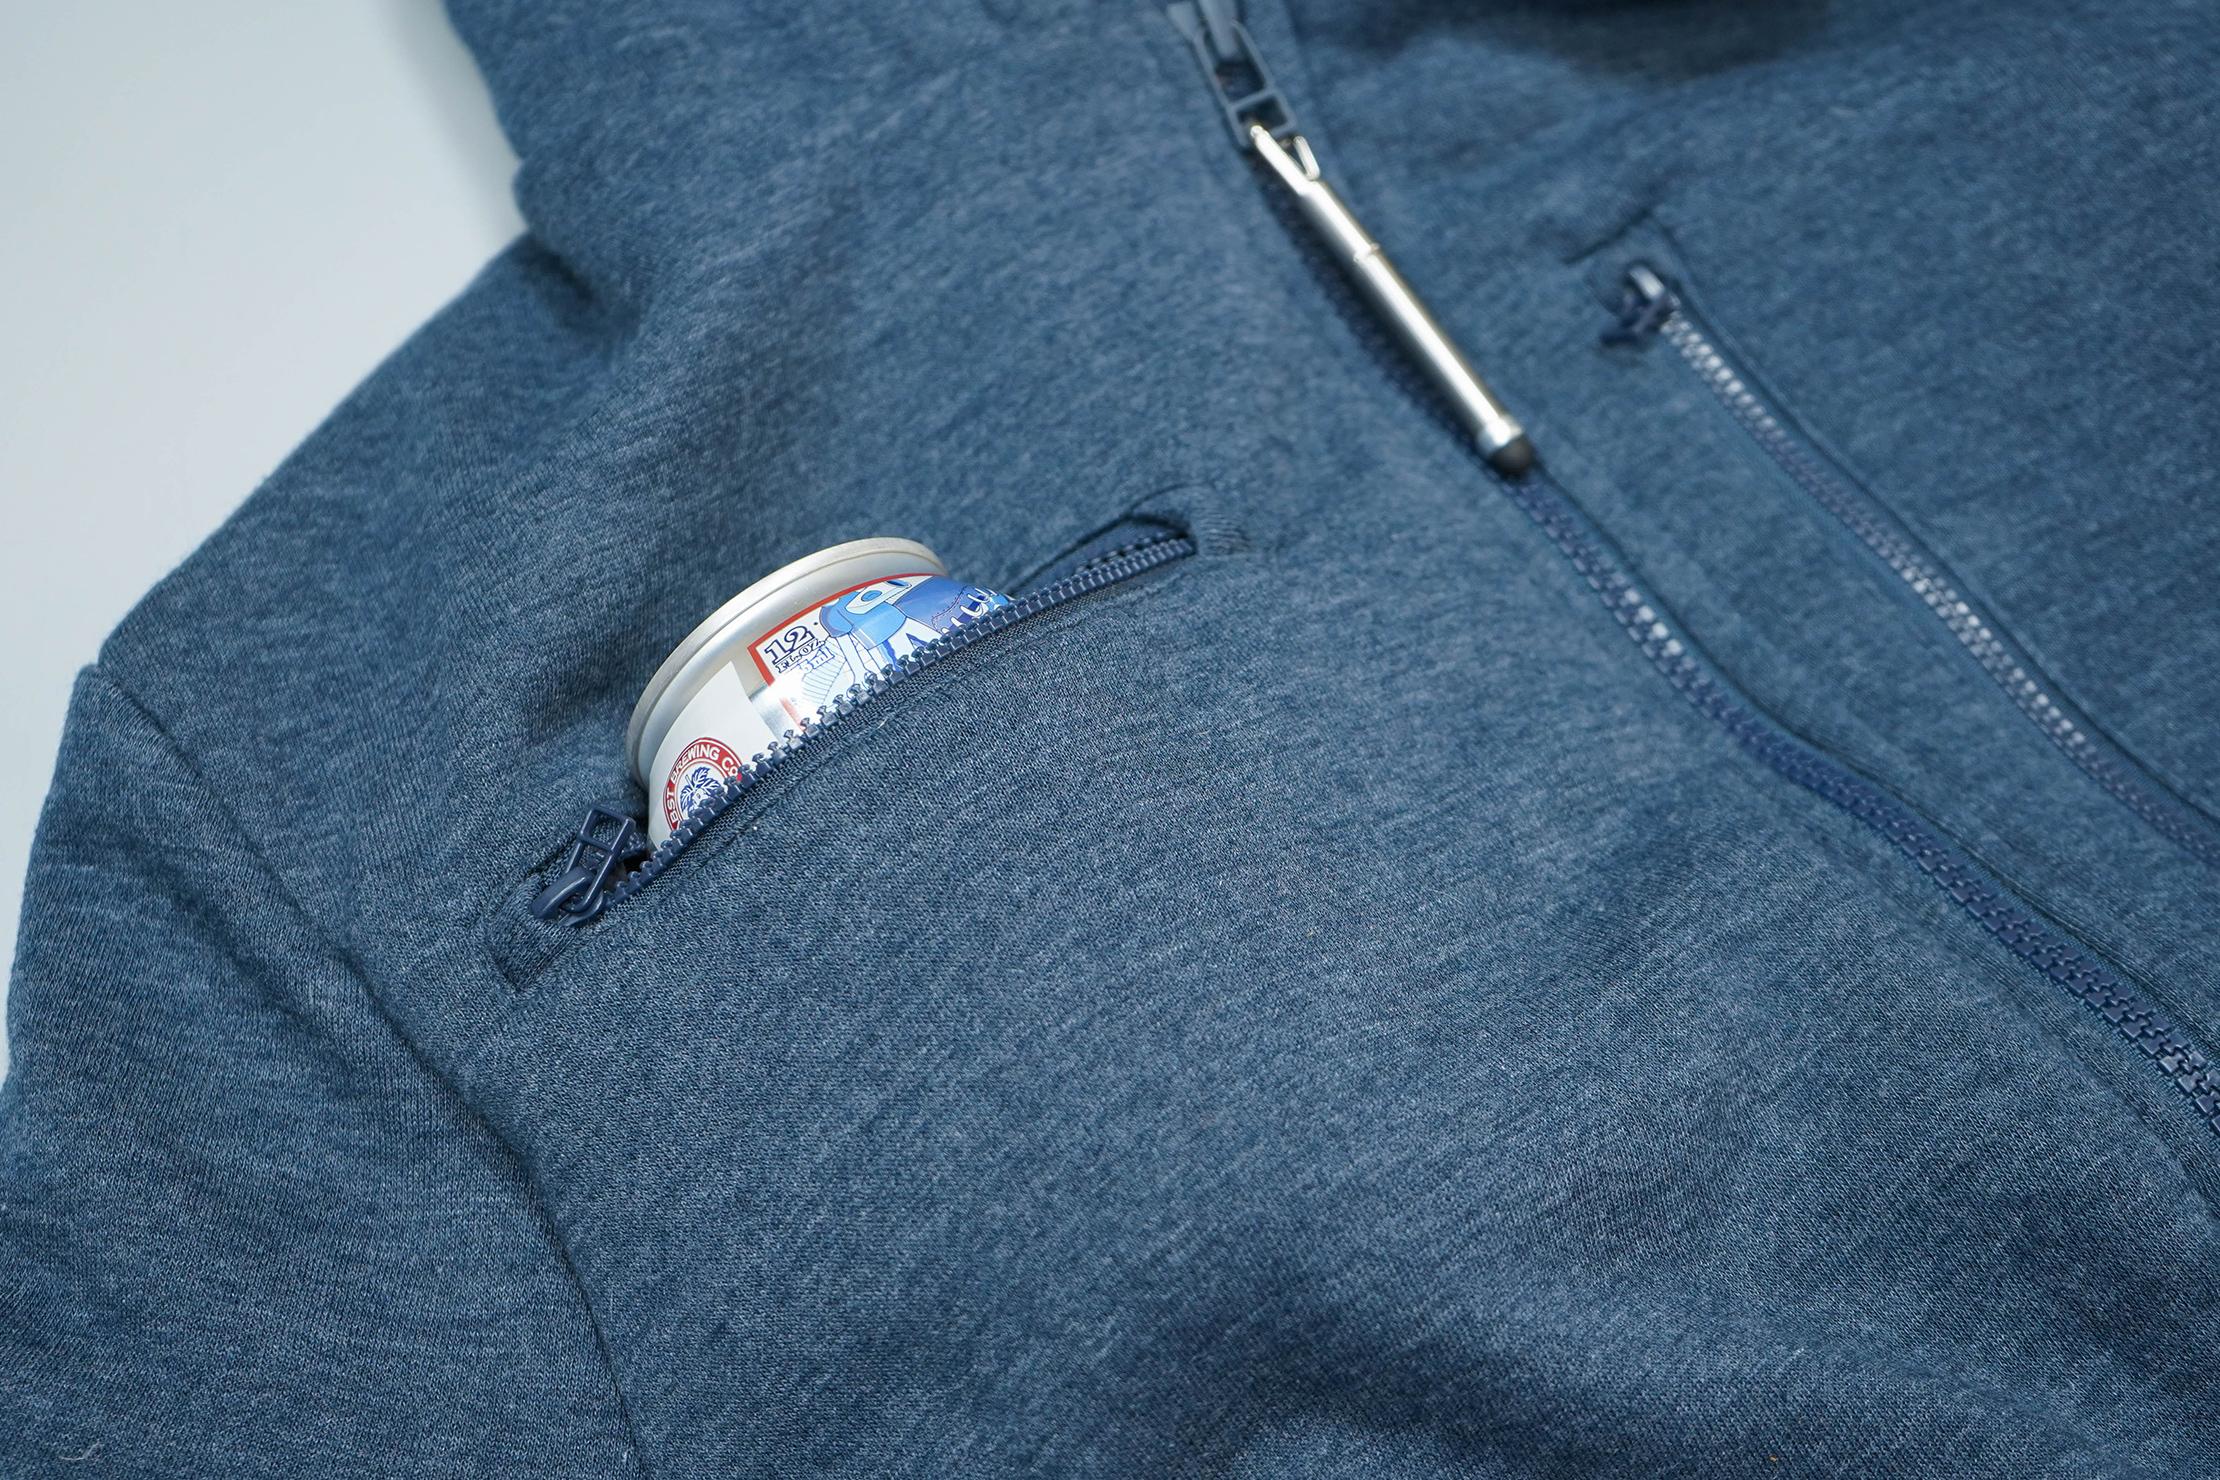 BauBax Sweatshirt 2.0 Can Pocket